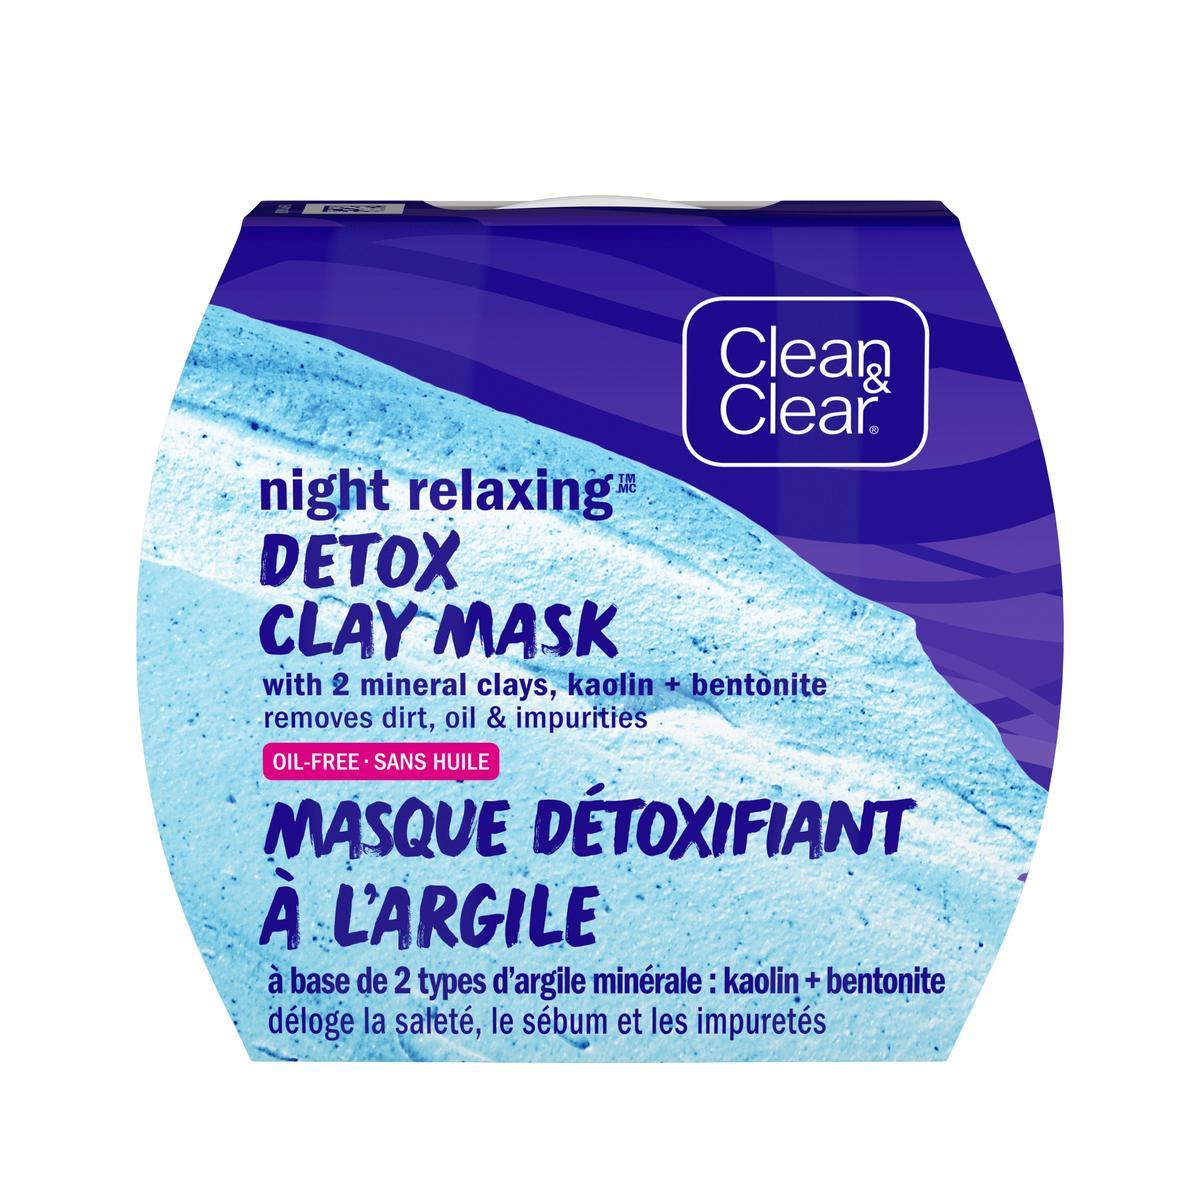 emballage du masque détoxifiant à l'argile Clean and Clear pour la nuit